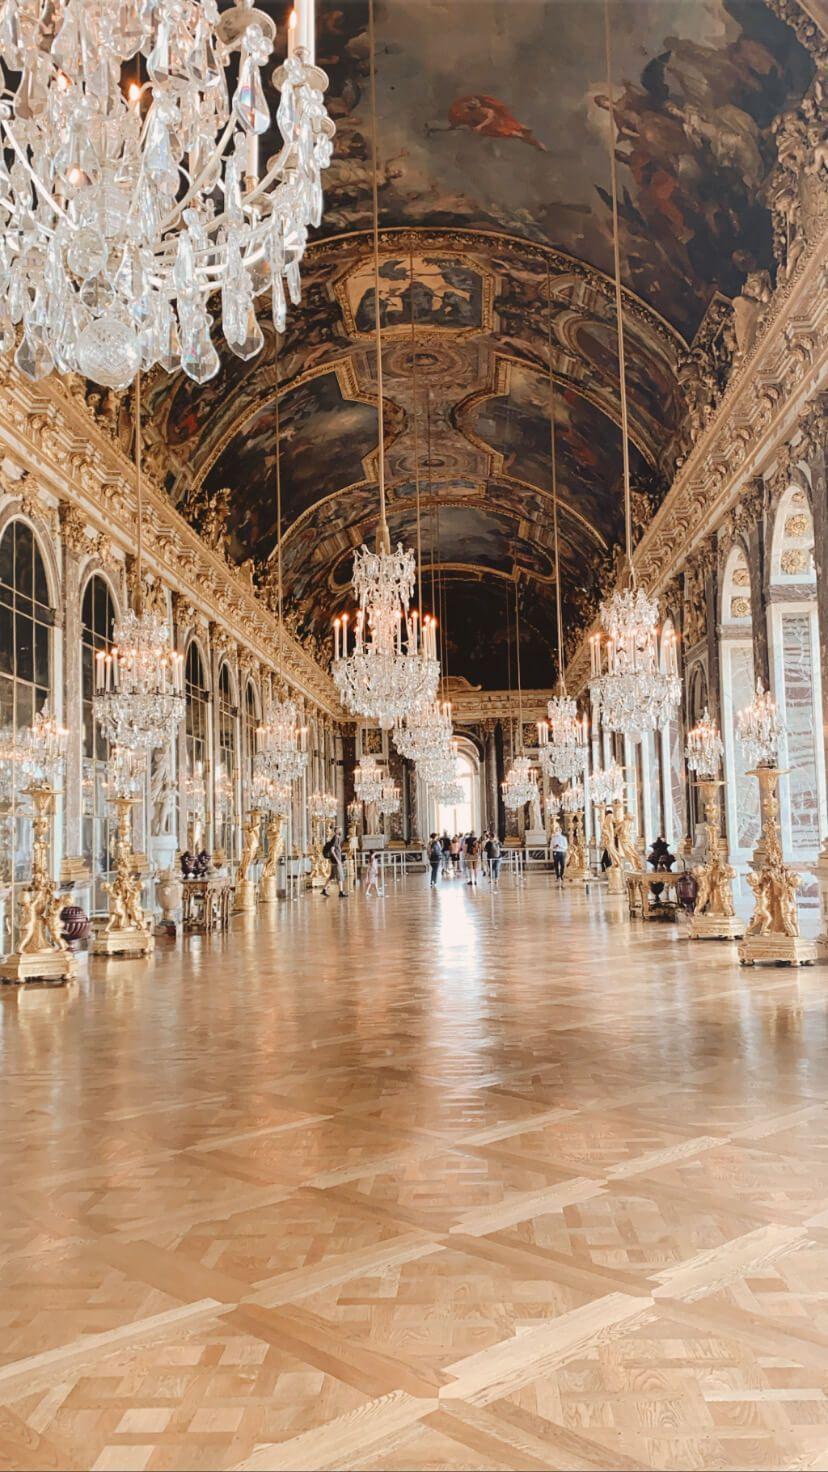 galeria de los espejos de versalles